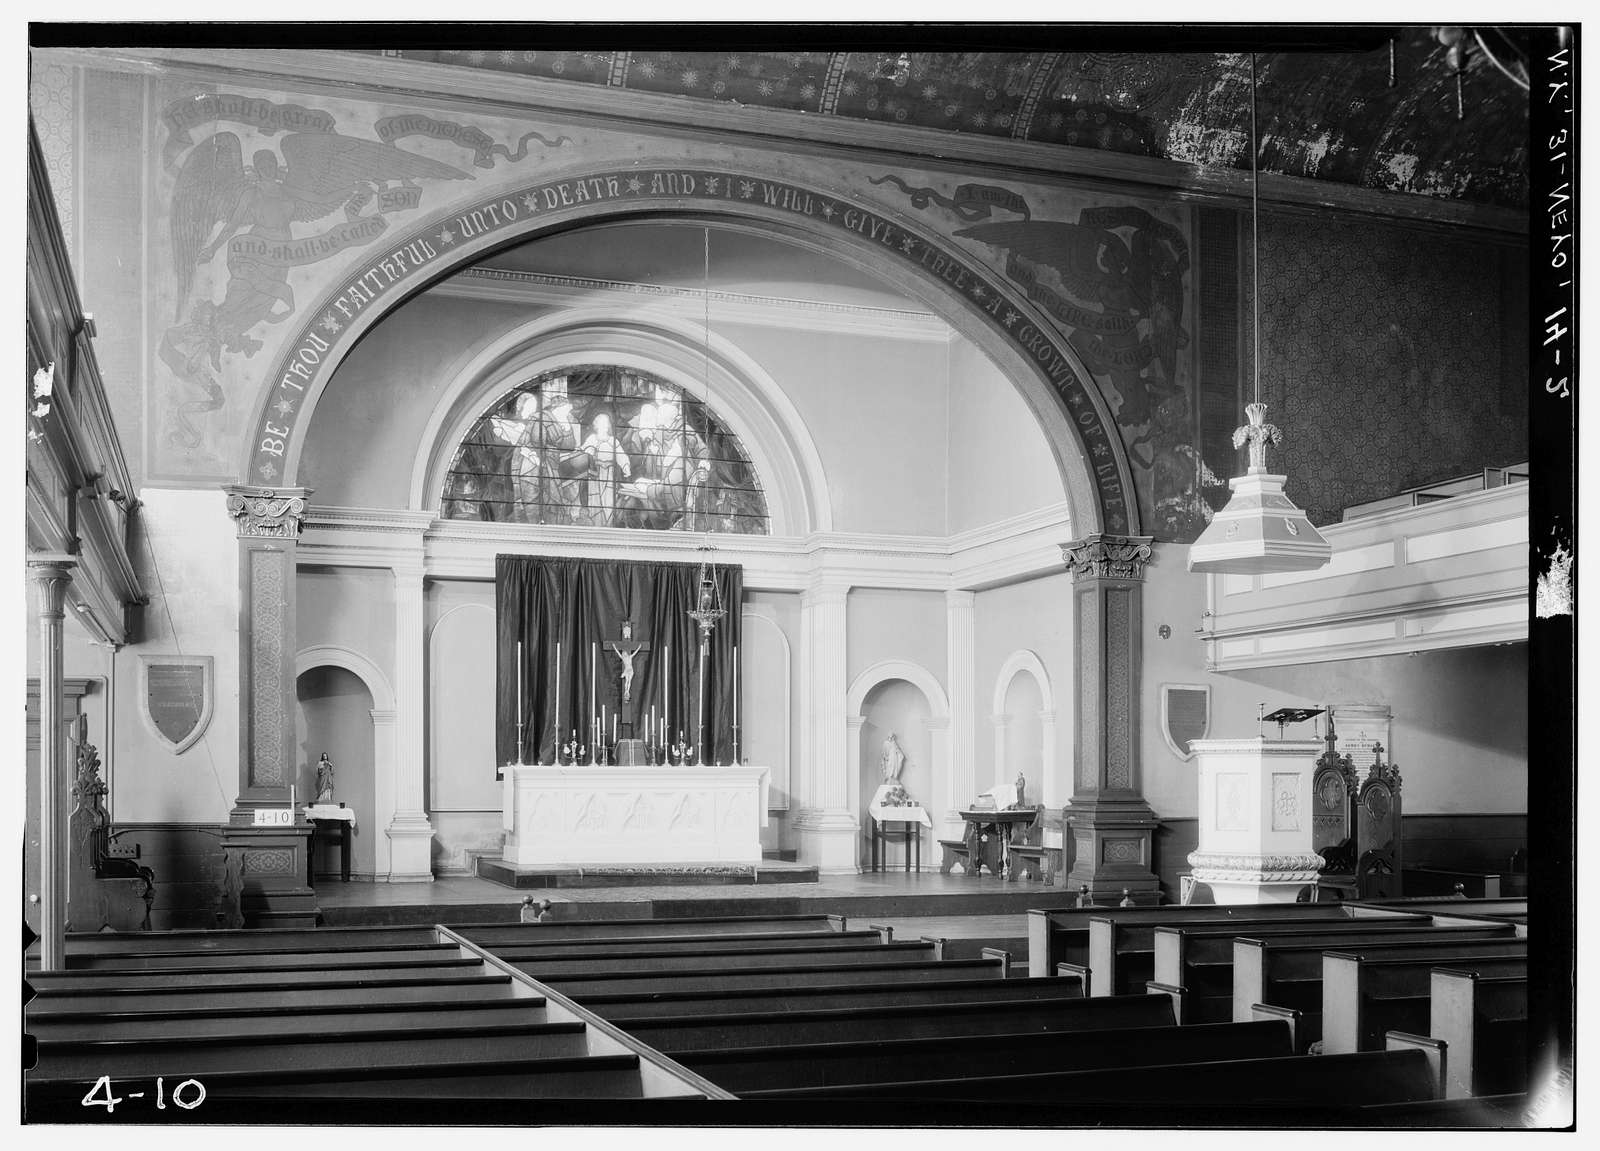 All Saint's Church, 286-290 Henry Street, New York, New York County, NY